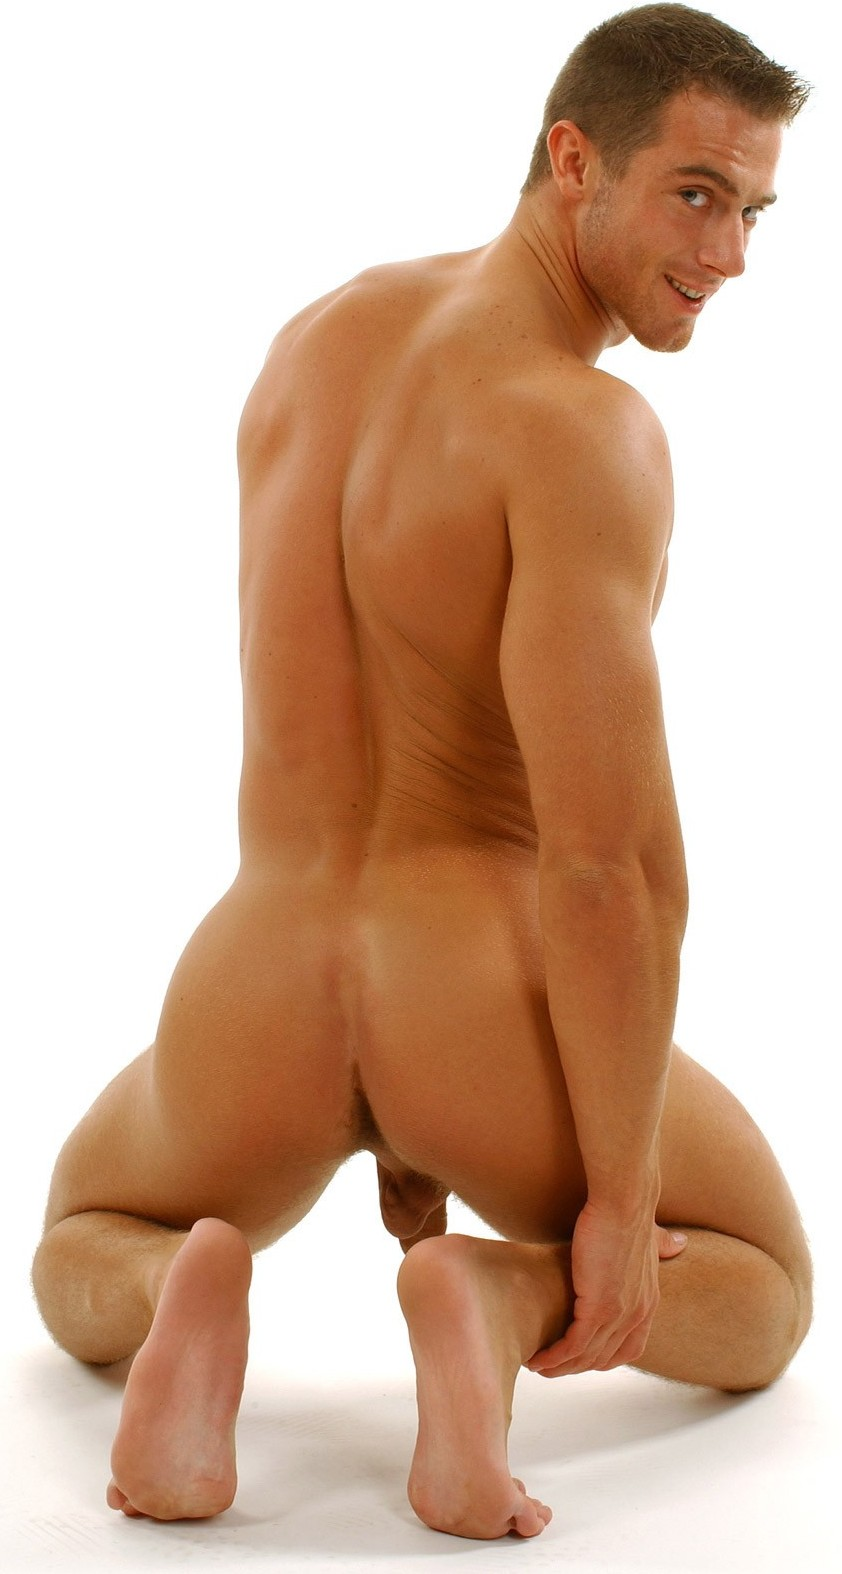 Порно гей павел уже прекрасно